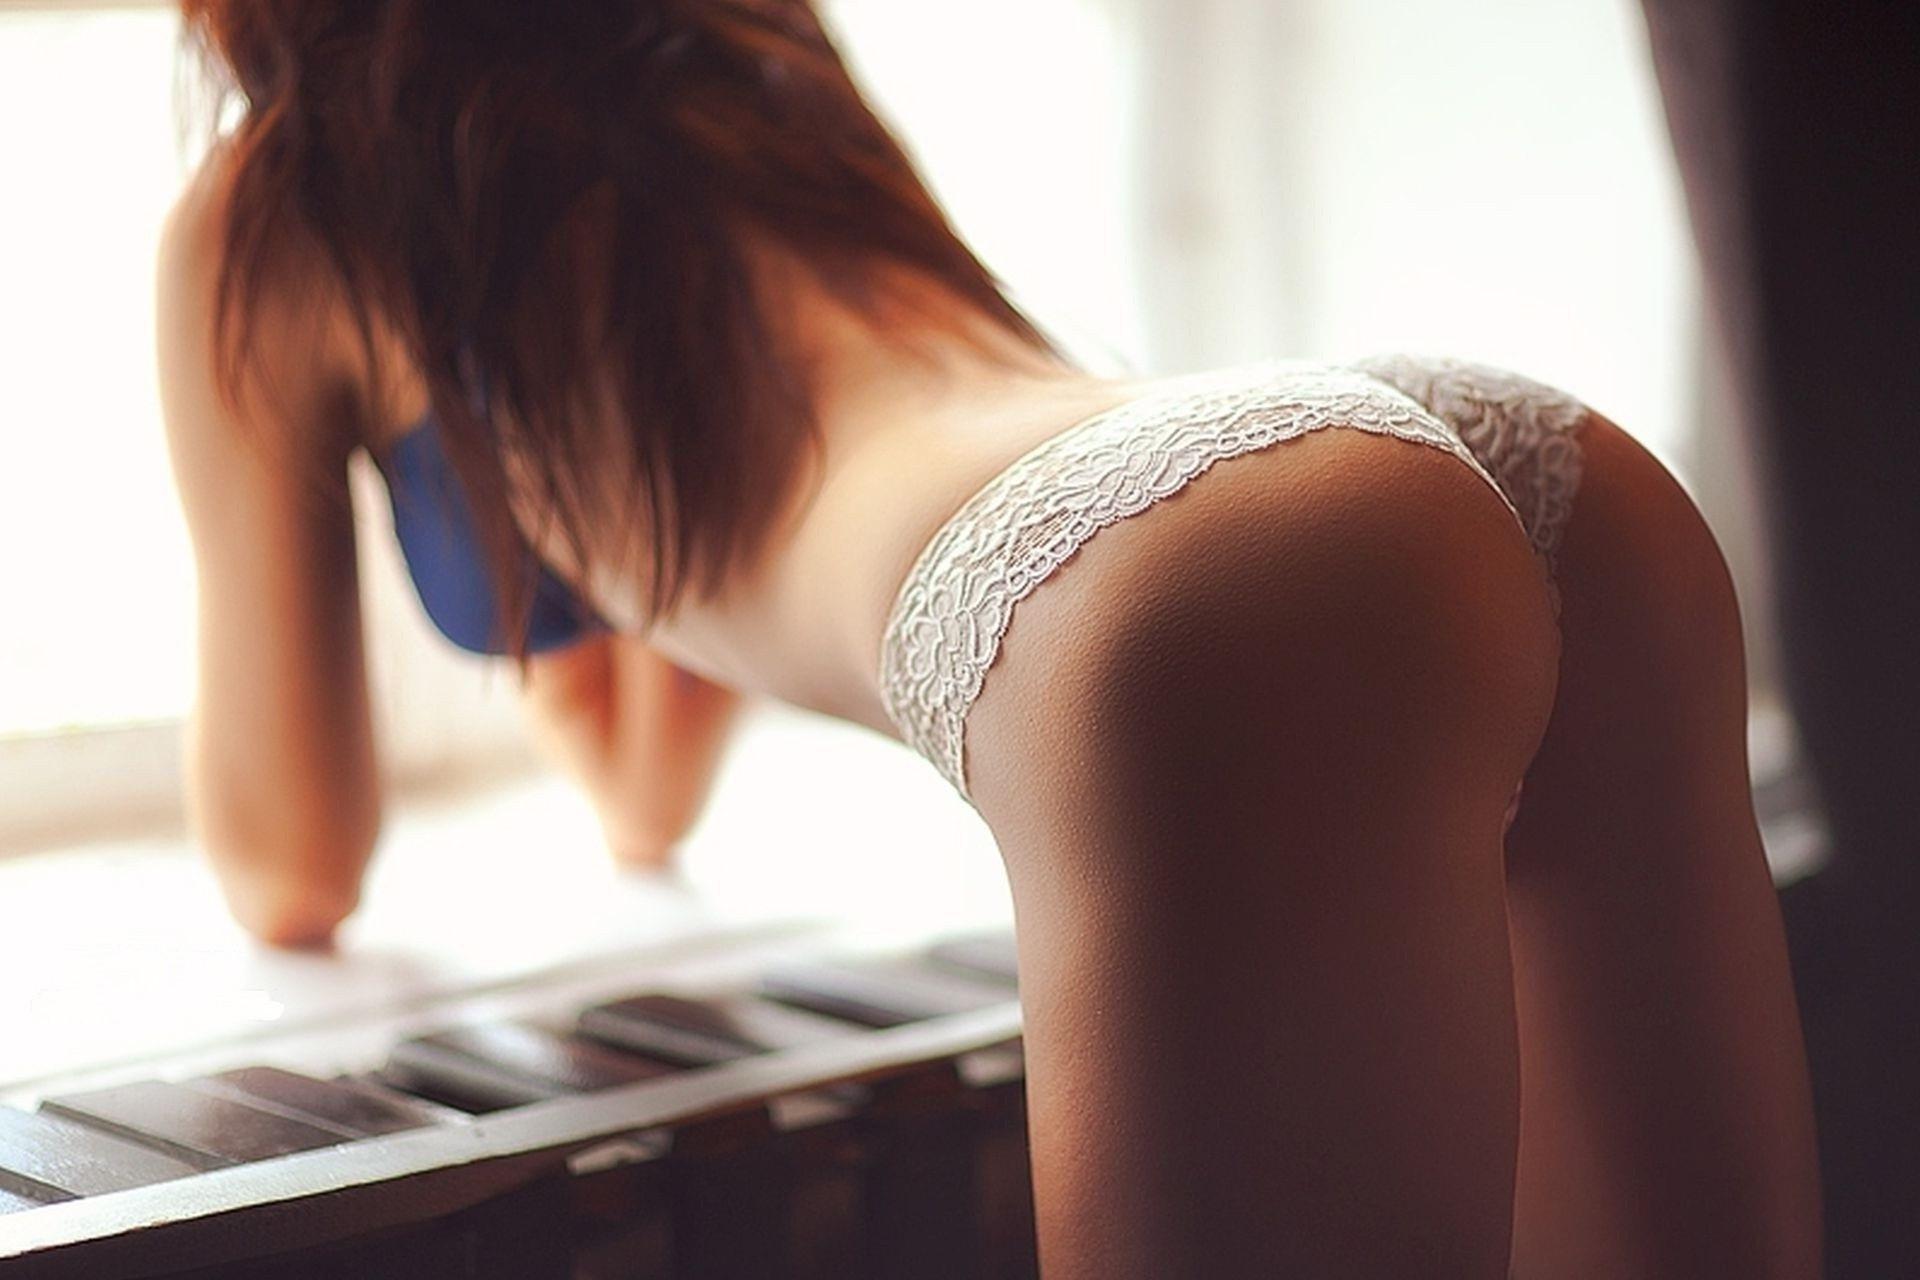 Эротические фото женщин в трусиках и лифчиках 21 фотография